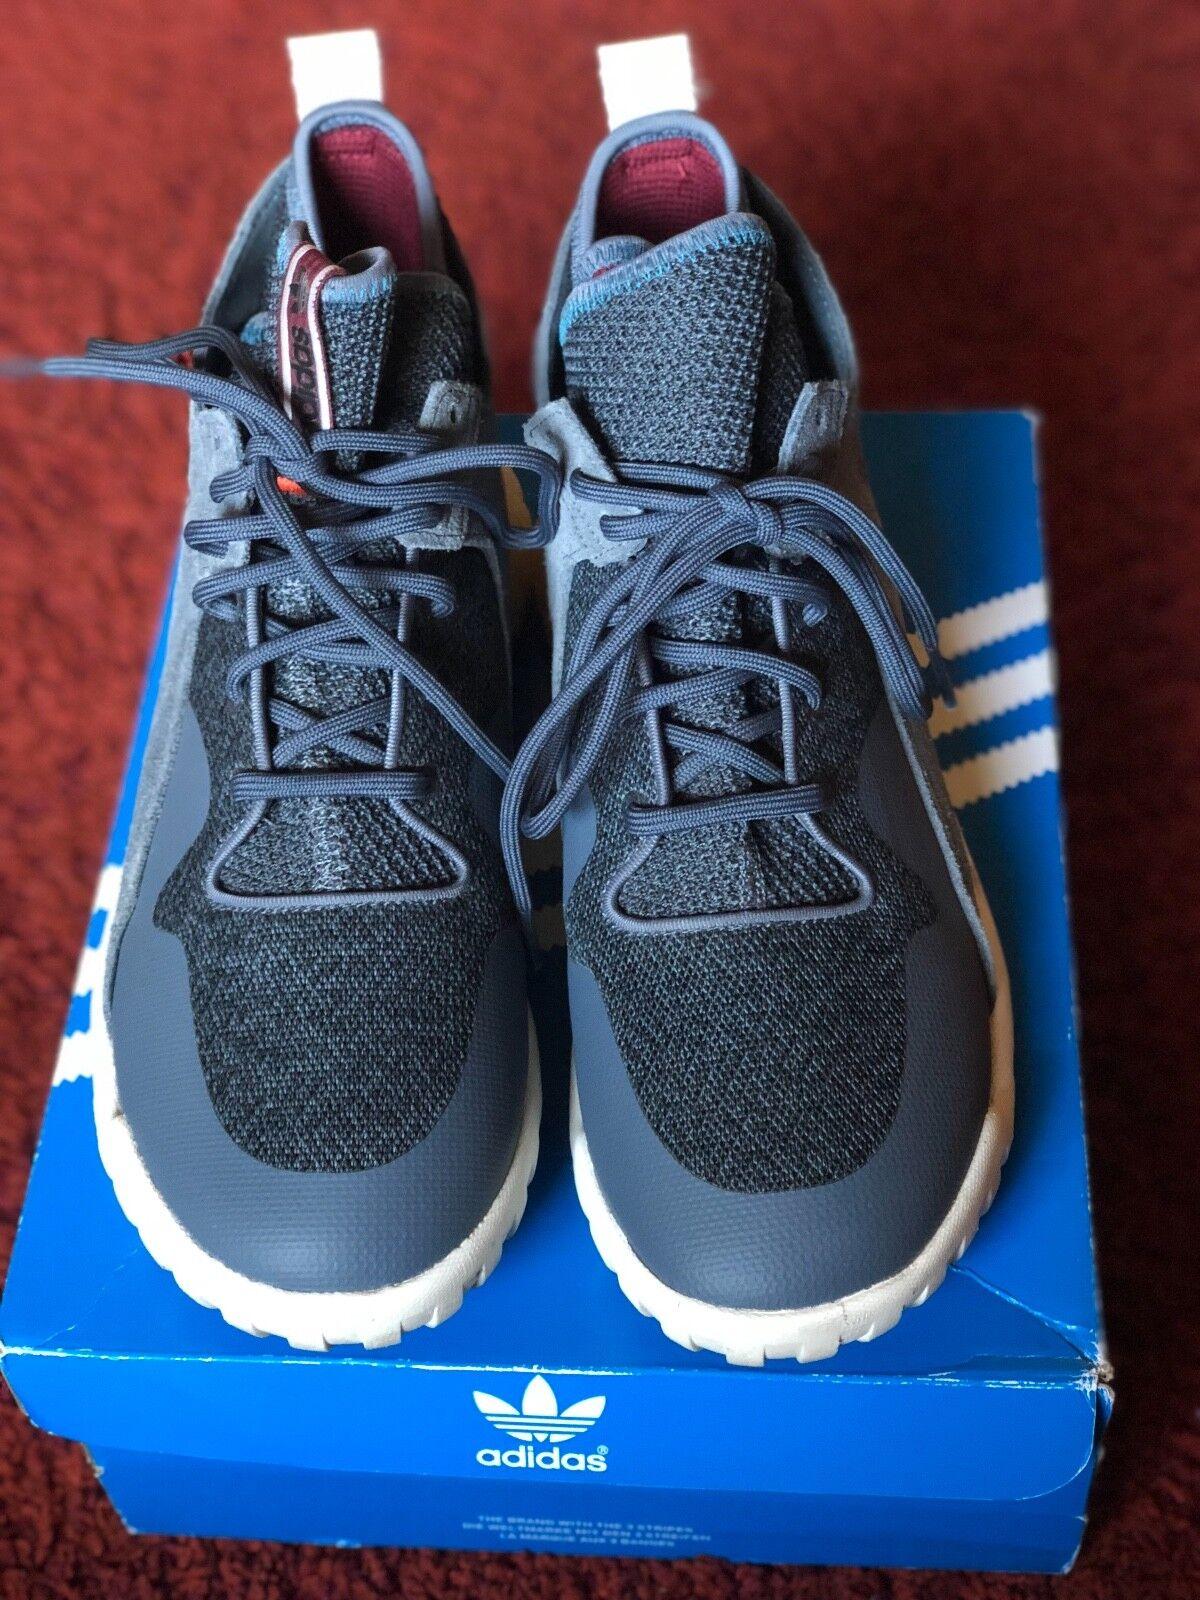 Adidas Adidas Adidas tubulare x onyx dimensioni 9.5 084291